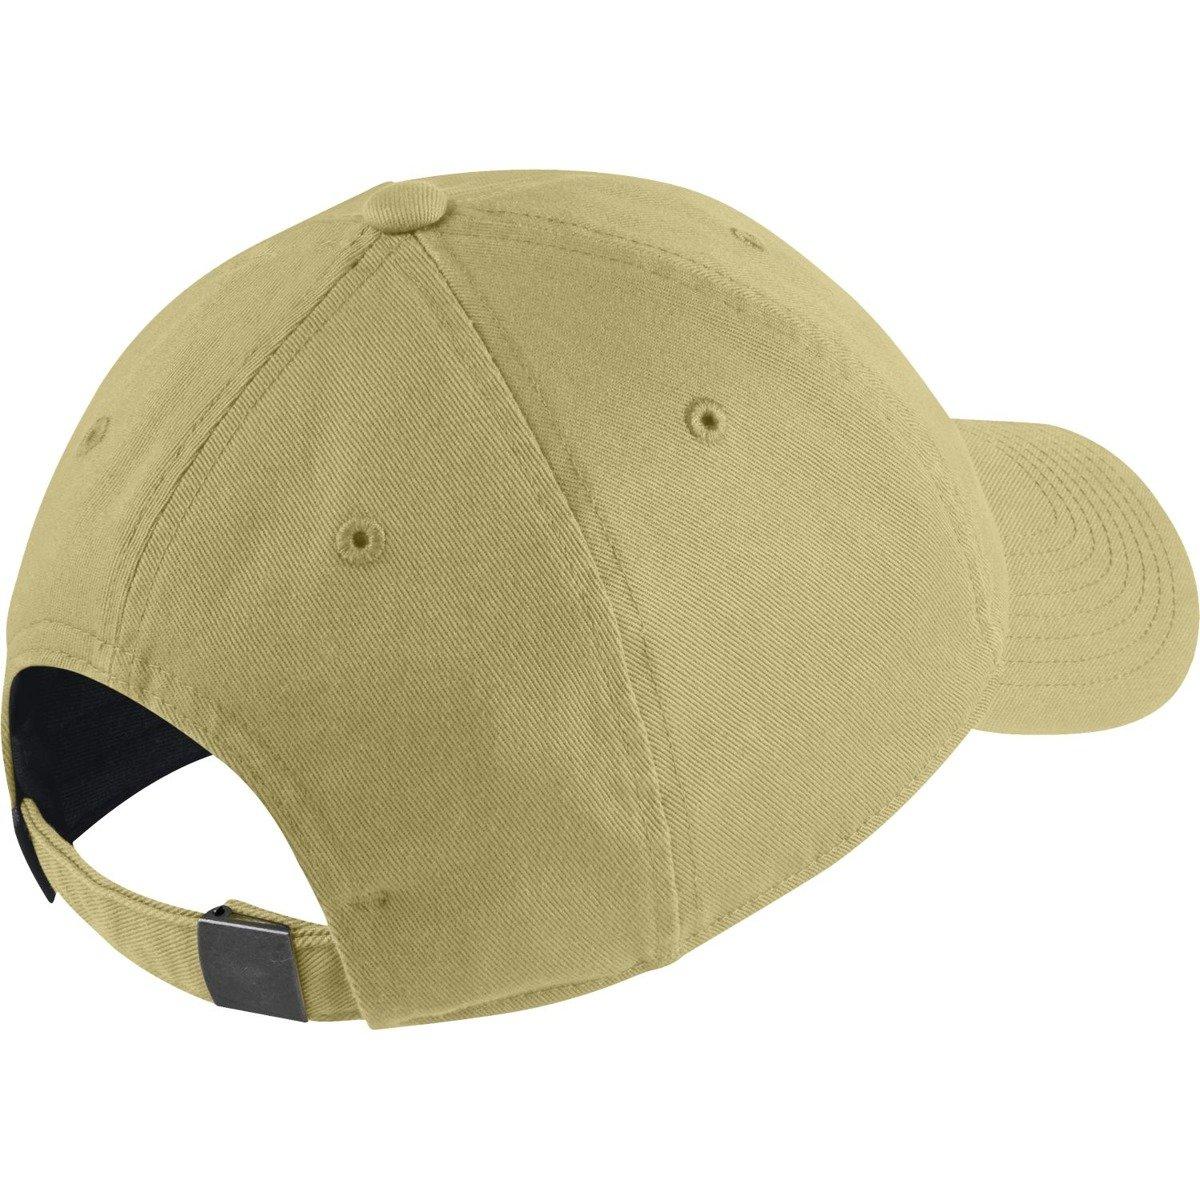 1ddf0d4f96108 nike sb h86 cap prism pink black white yellow